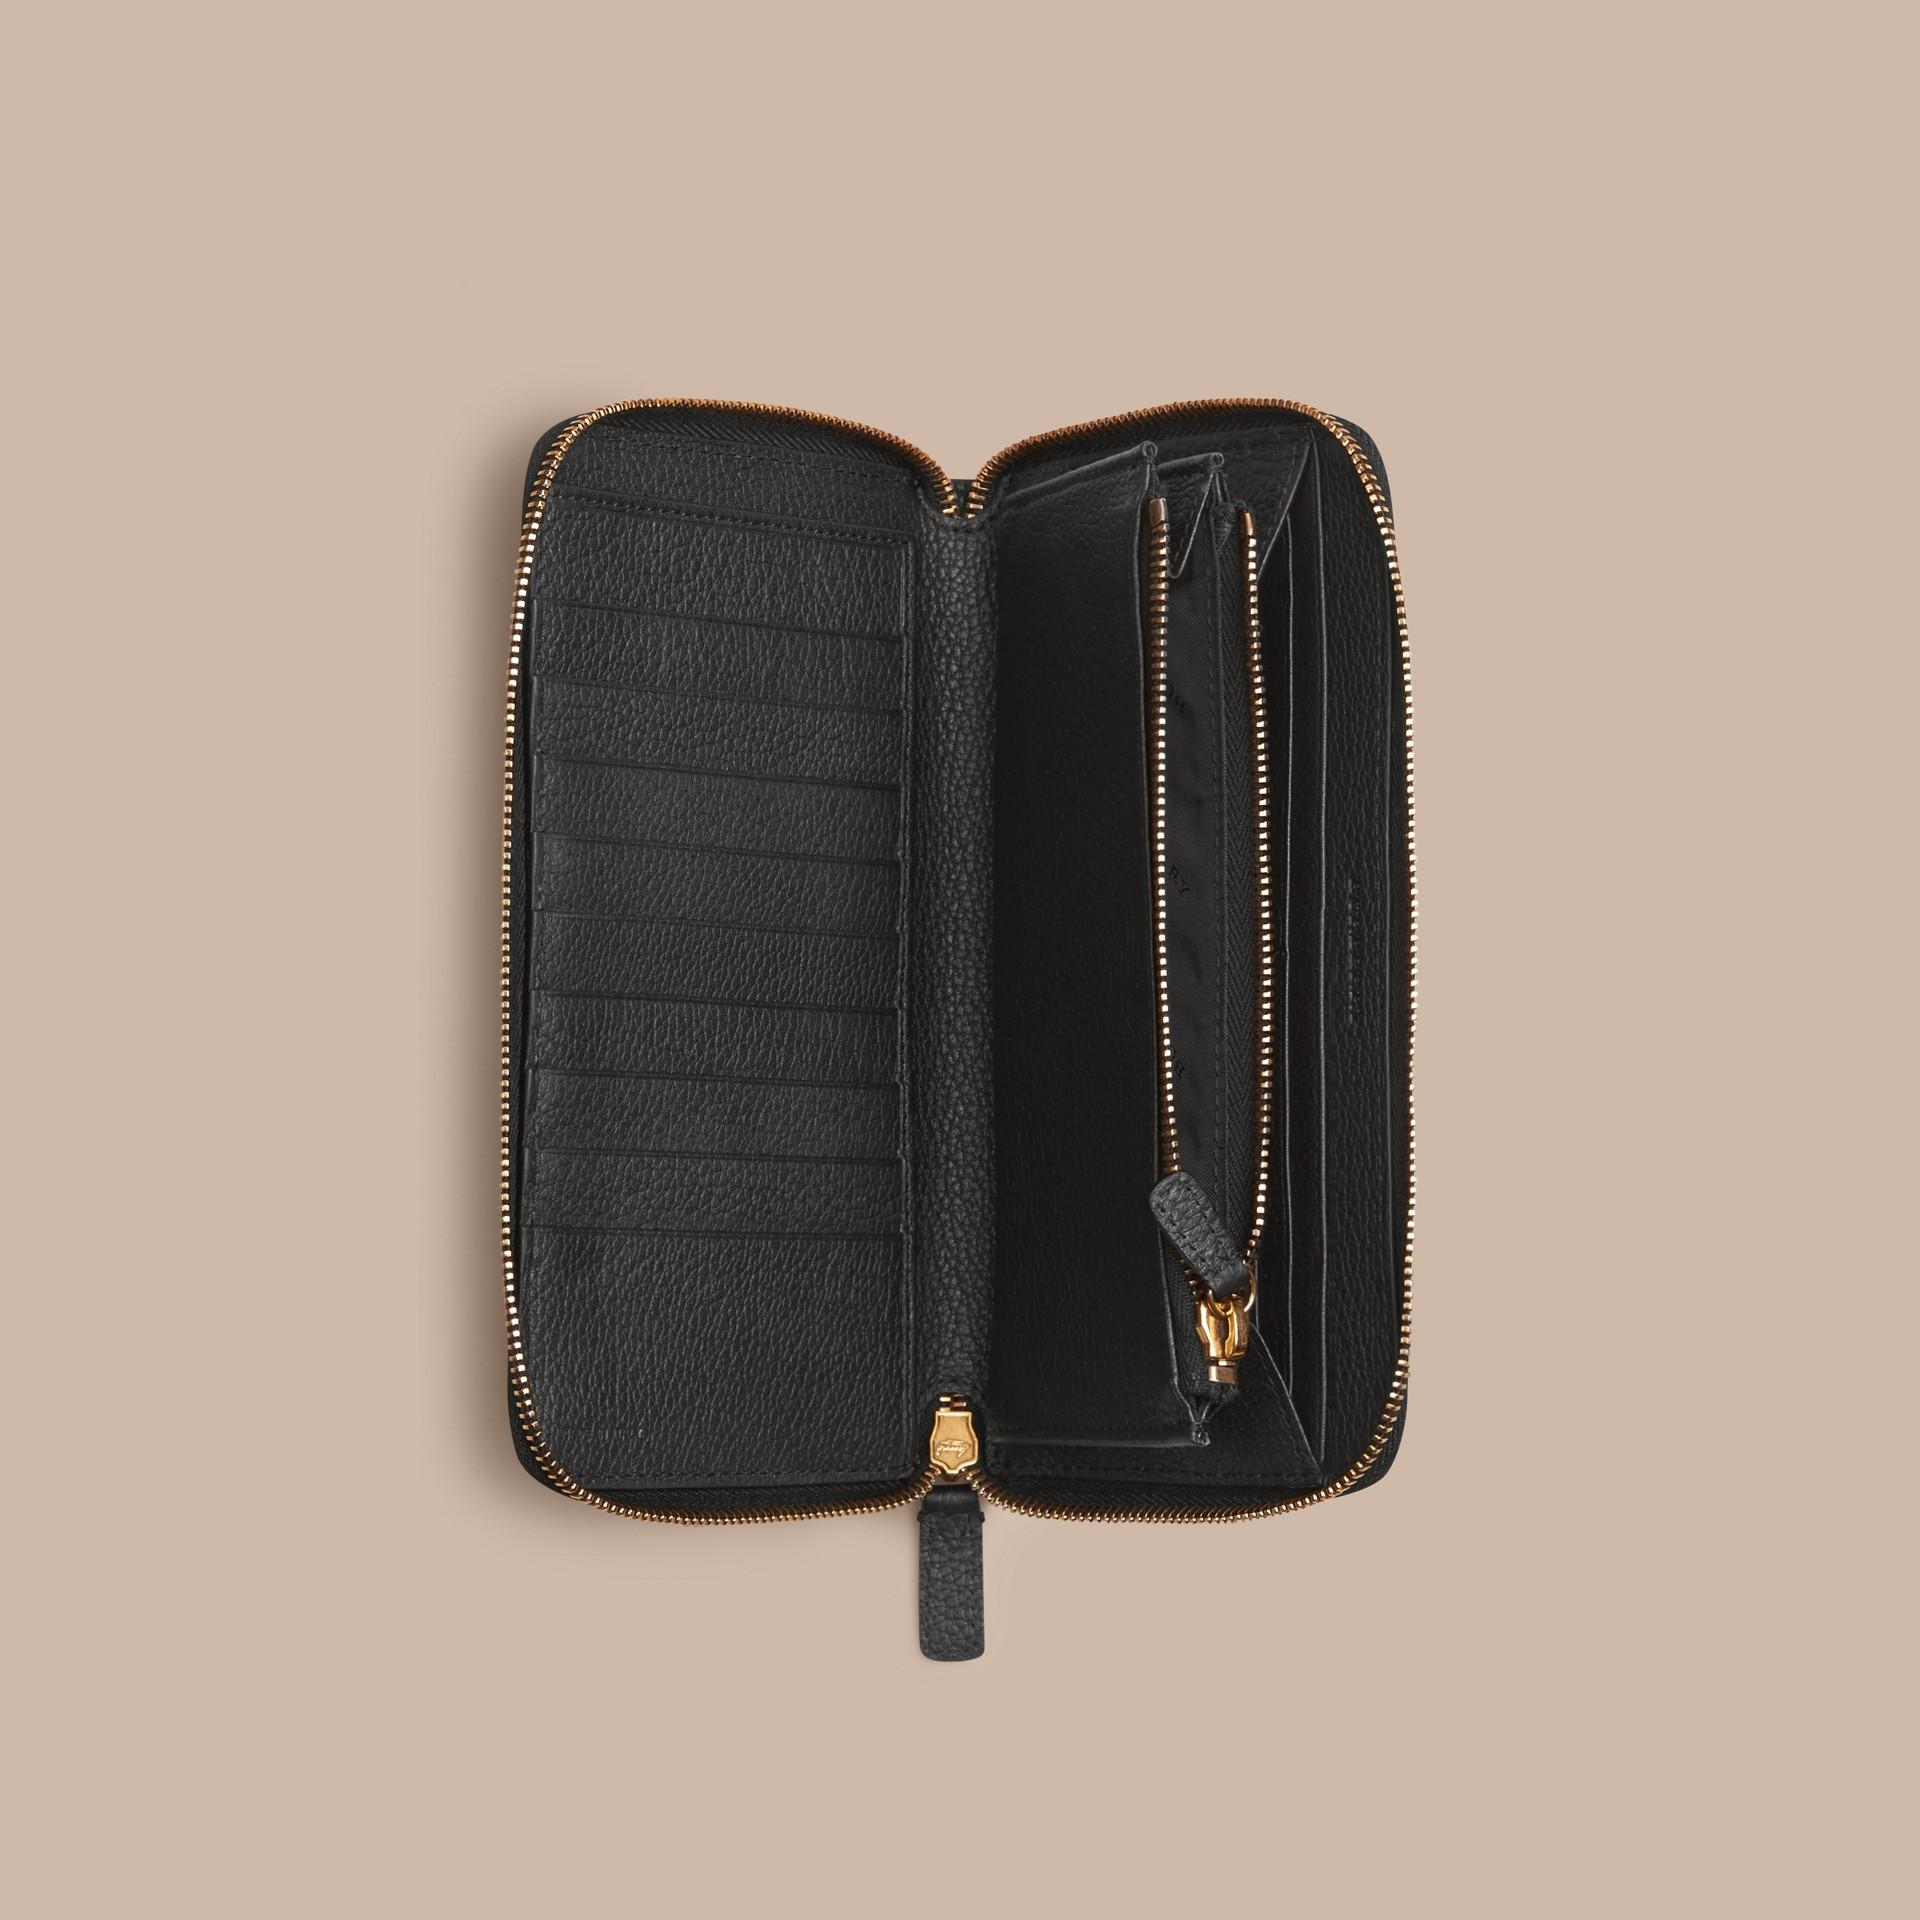 Noir Portefeuille à contour zippé en cuir à motif check estampé Noir - photo de la galerie 4